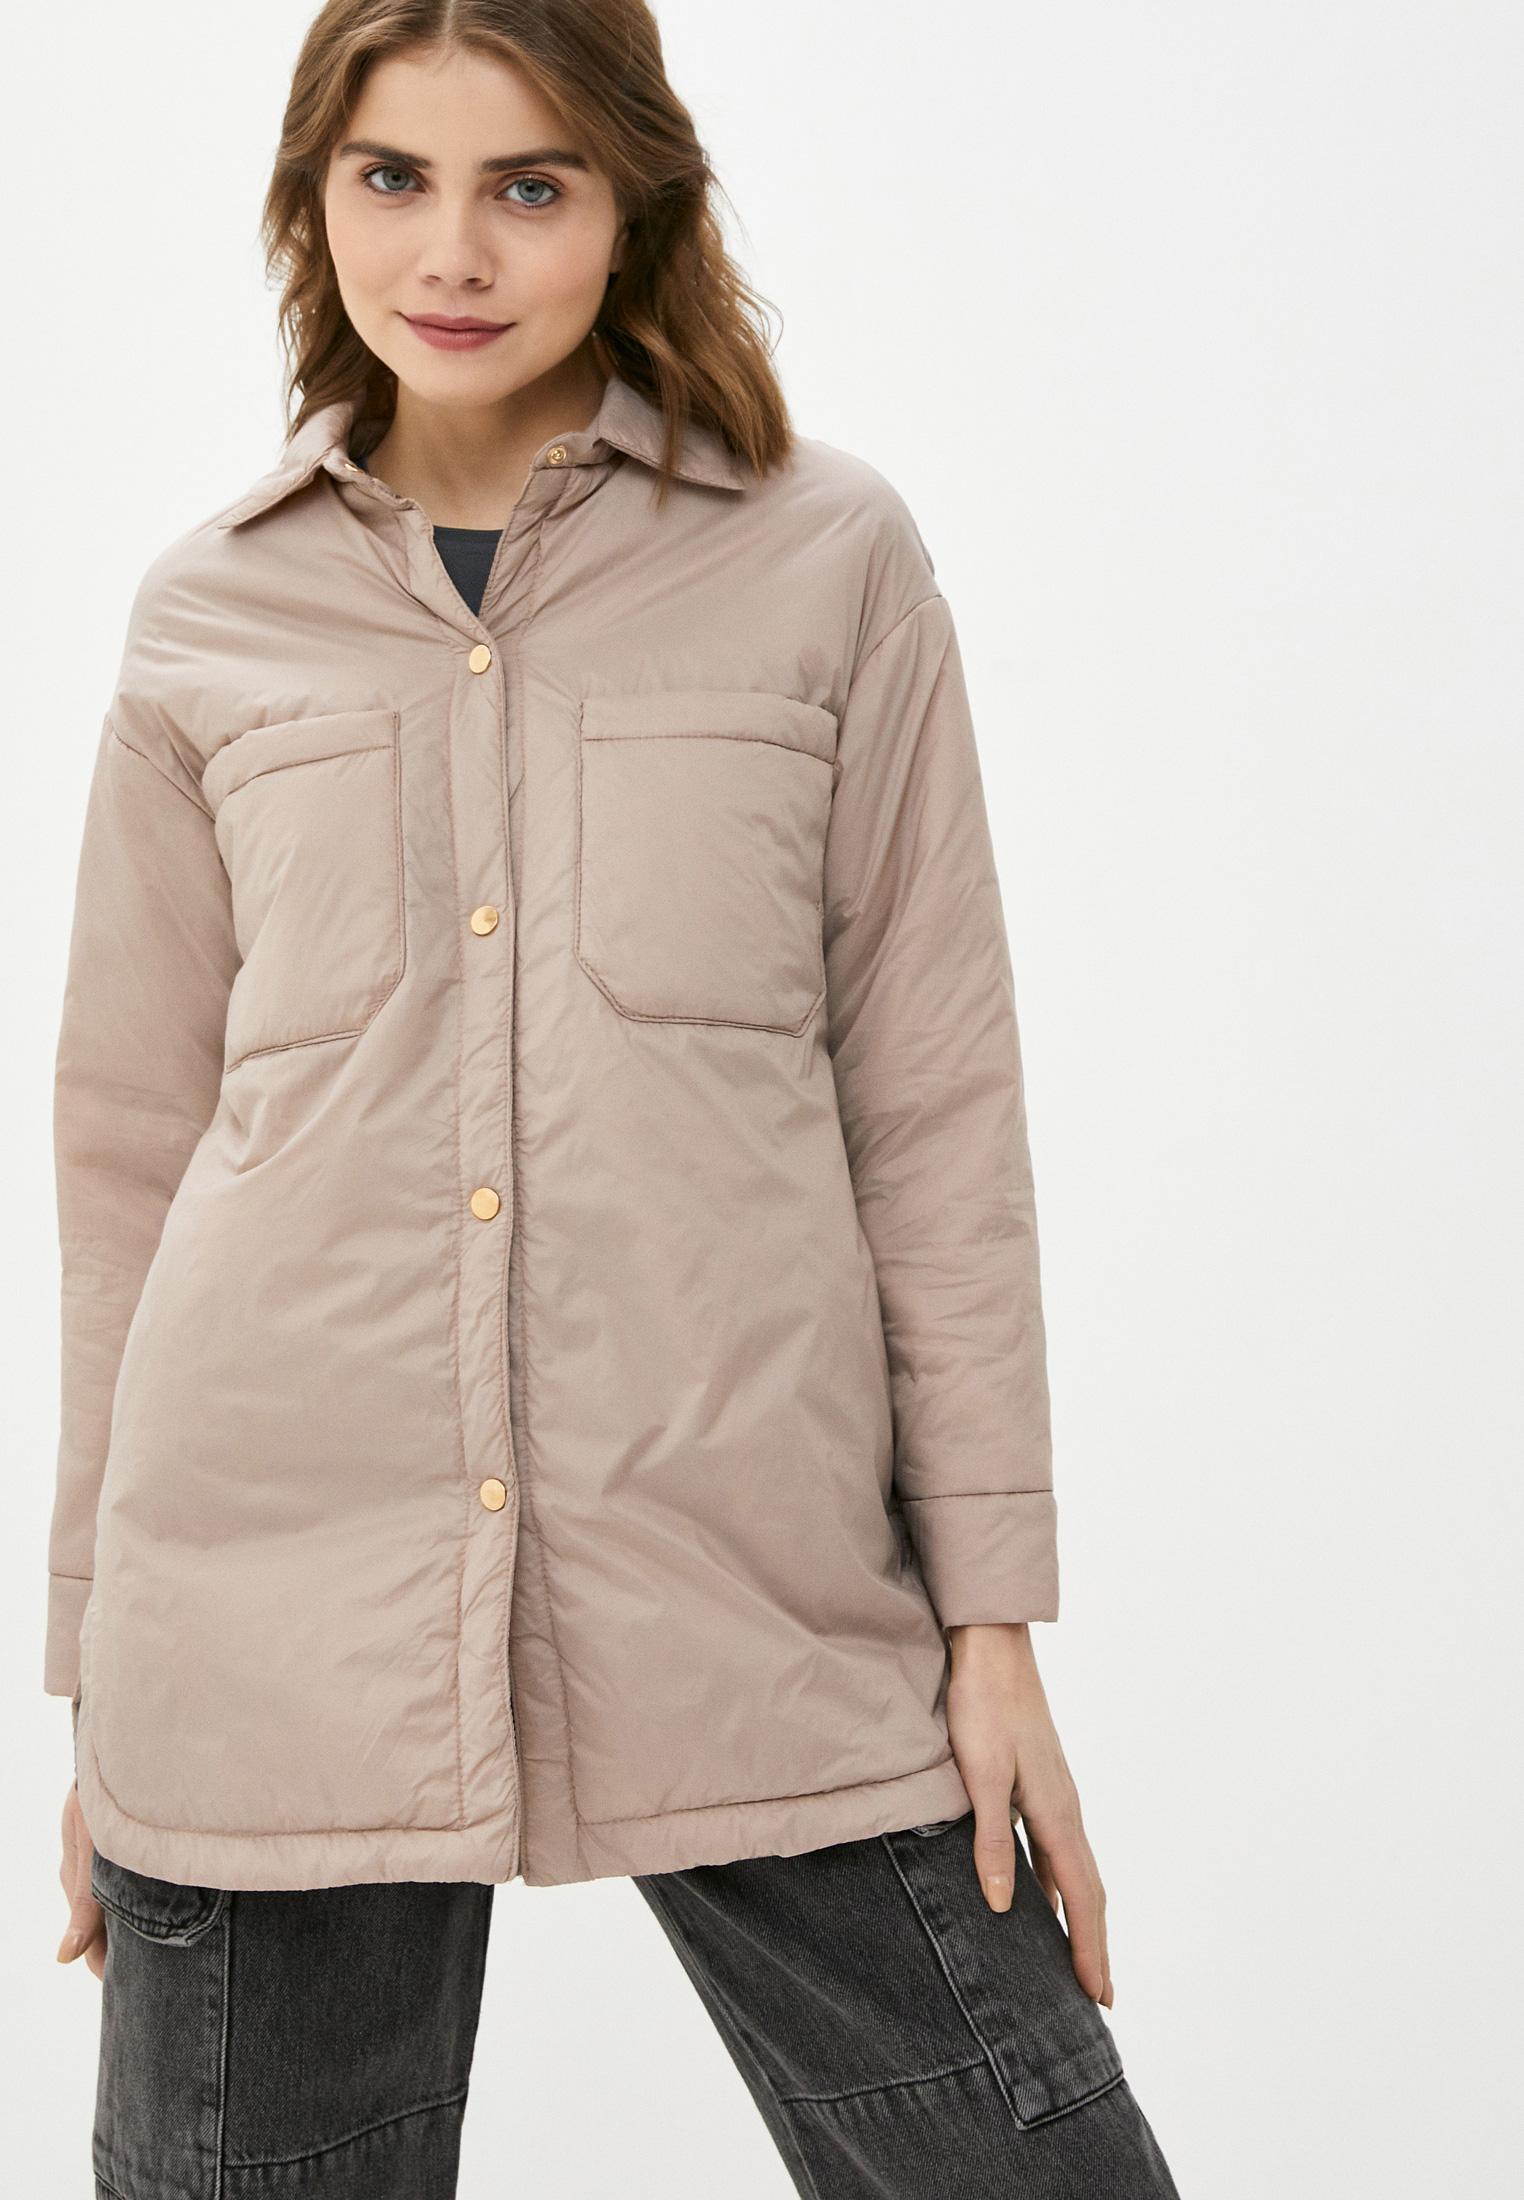 Утепленная куртка Moda Sincera MS951-13